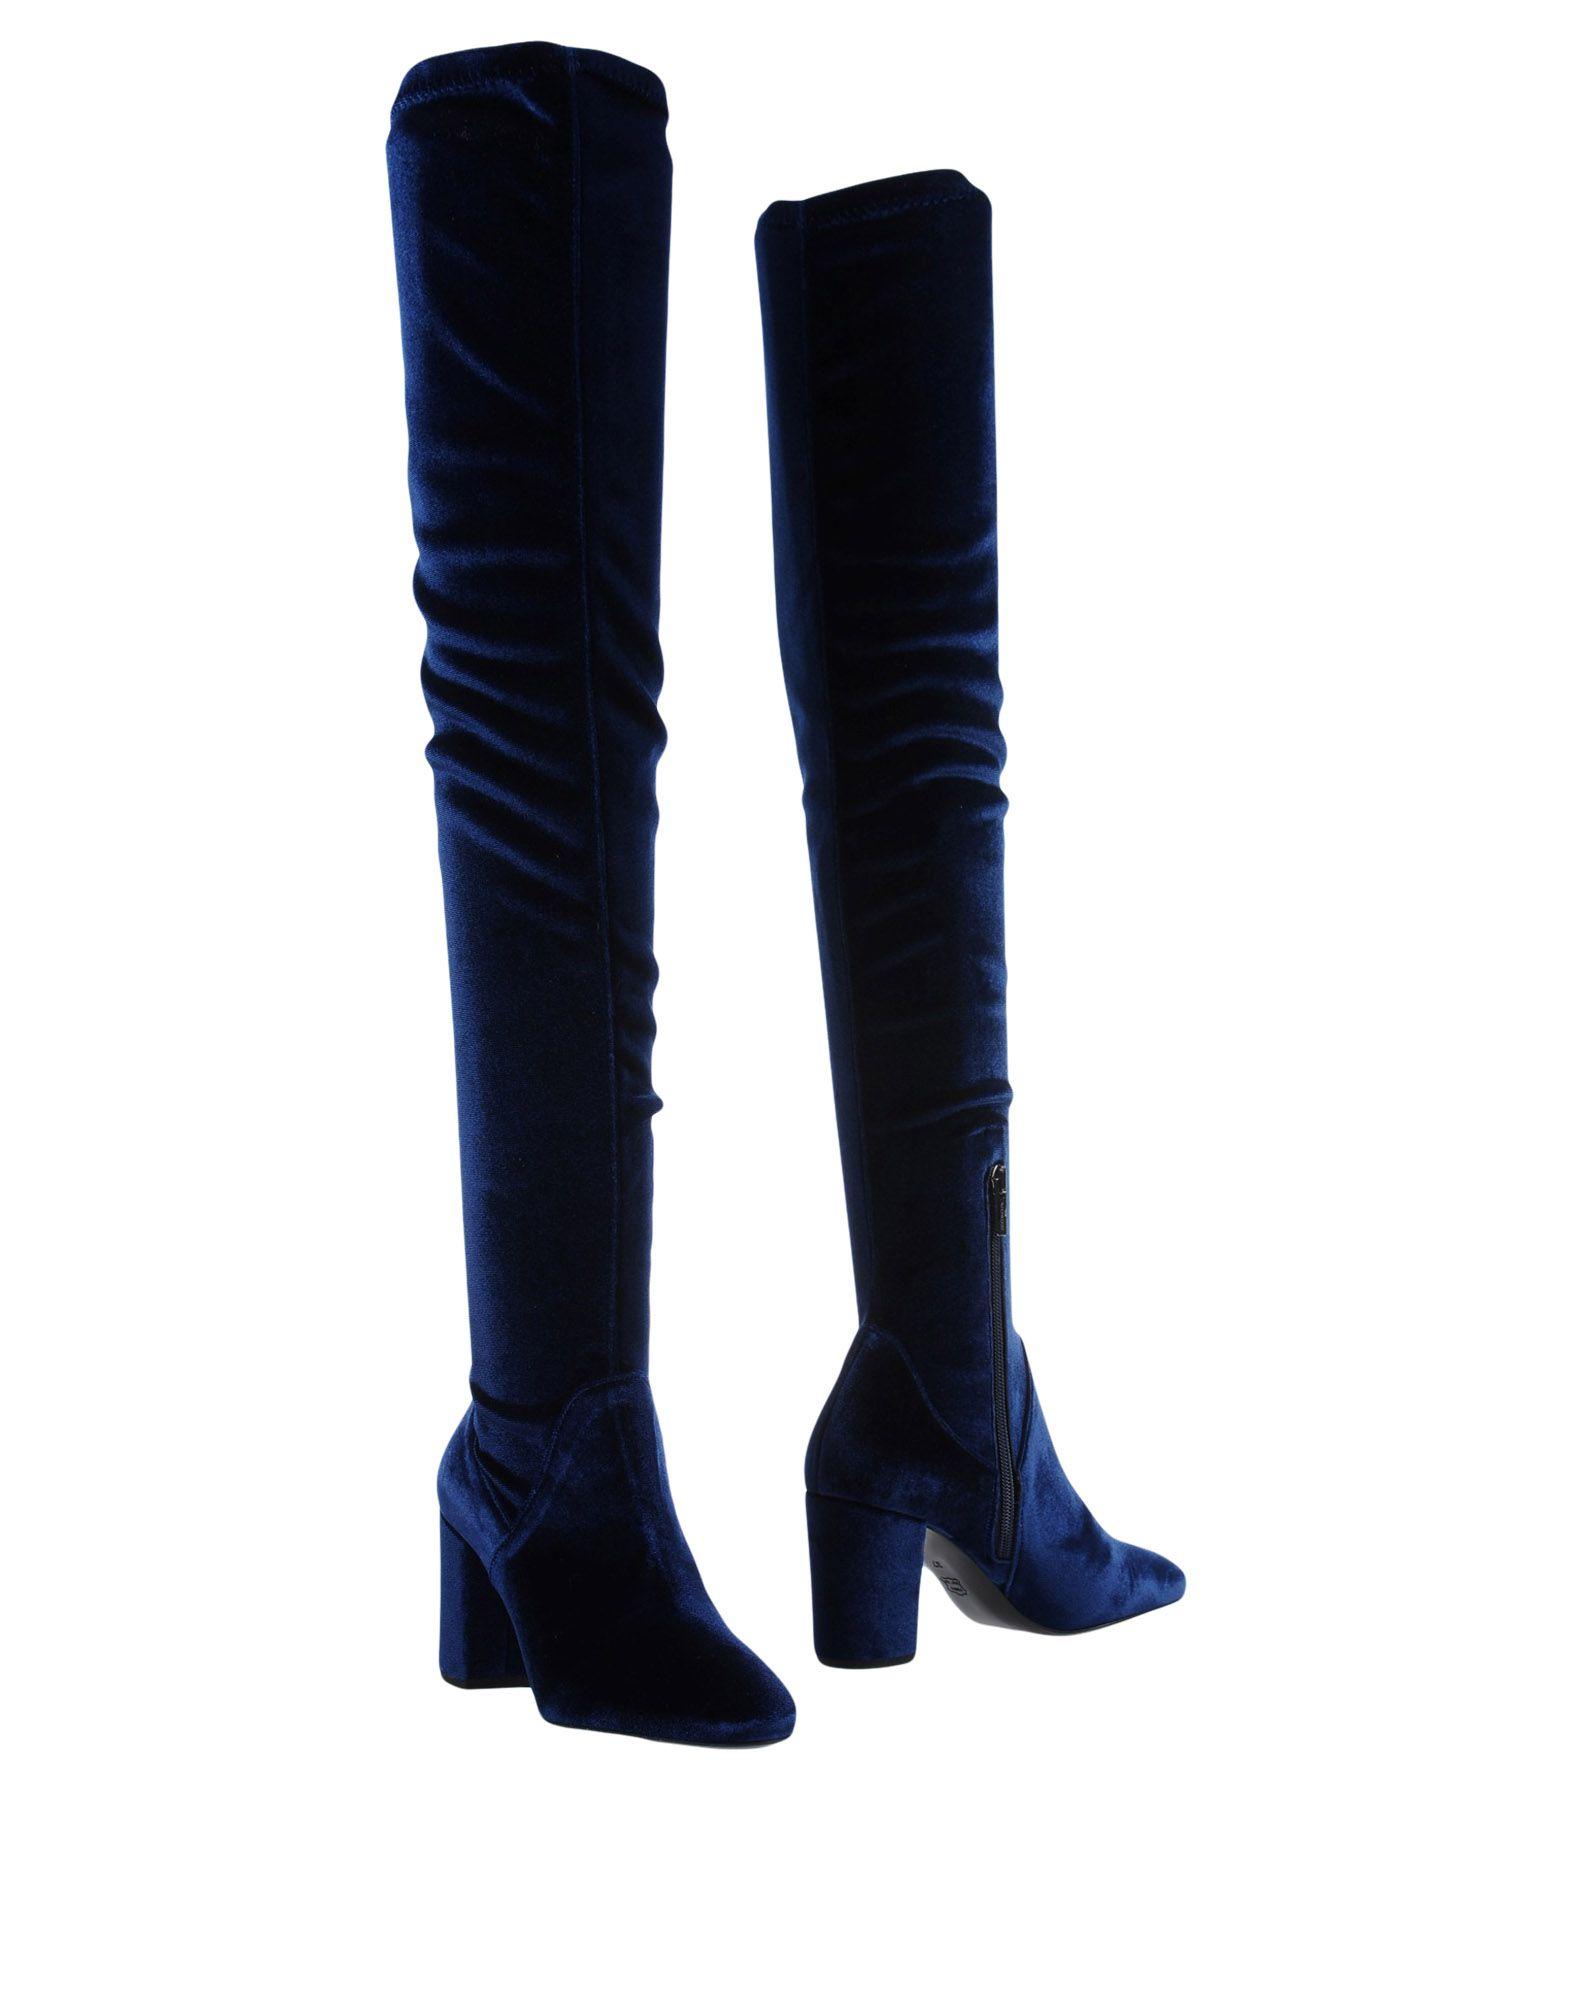 Moda Stivali 11474938KE Morobē Donna - 11474938KE Stivali 7ddfc8